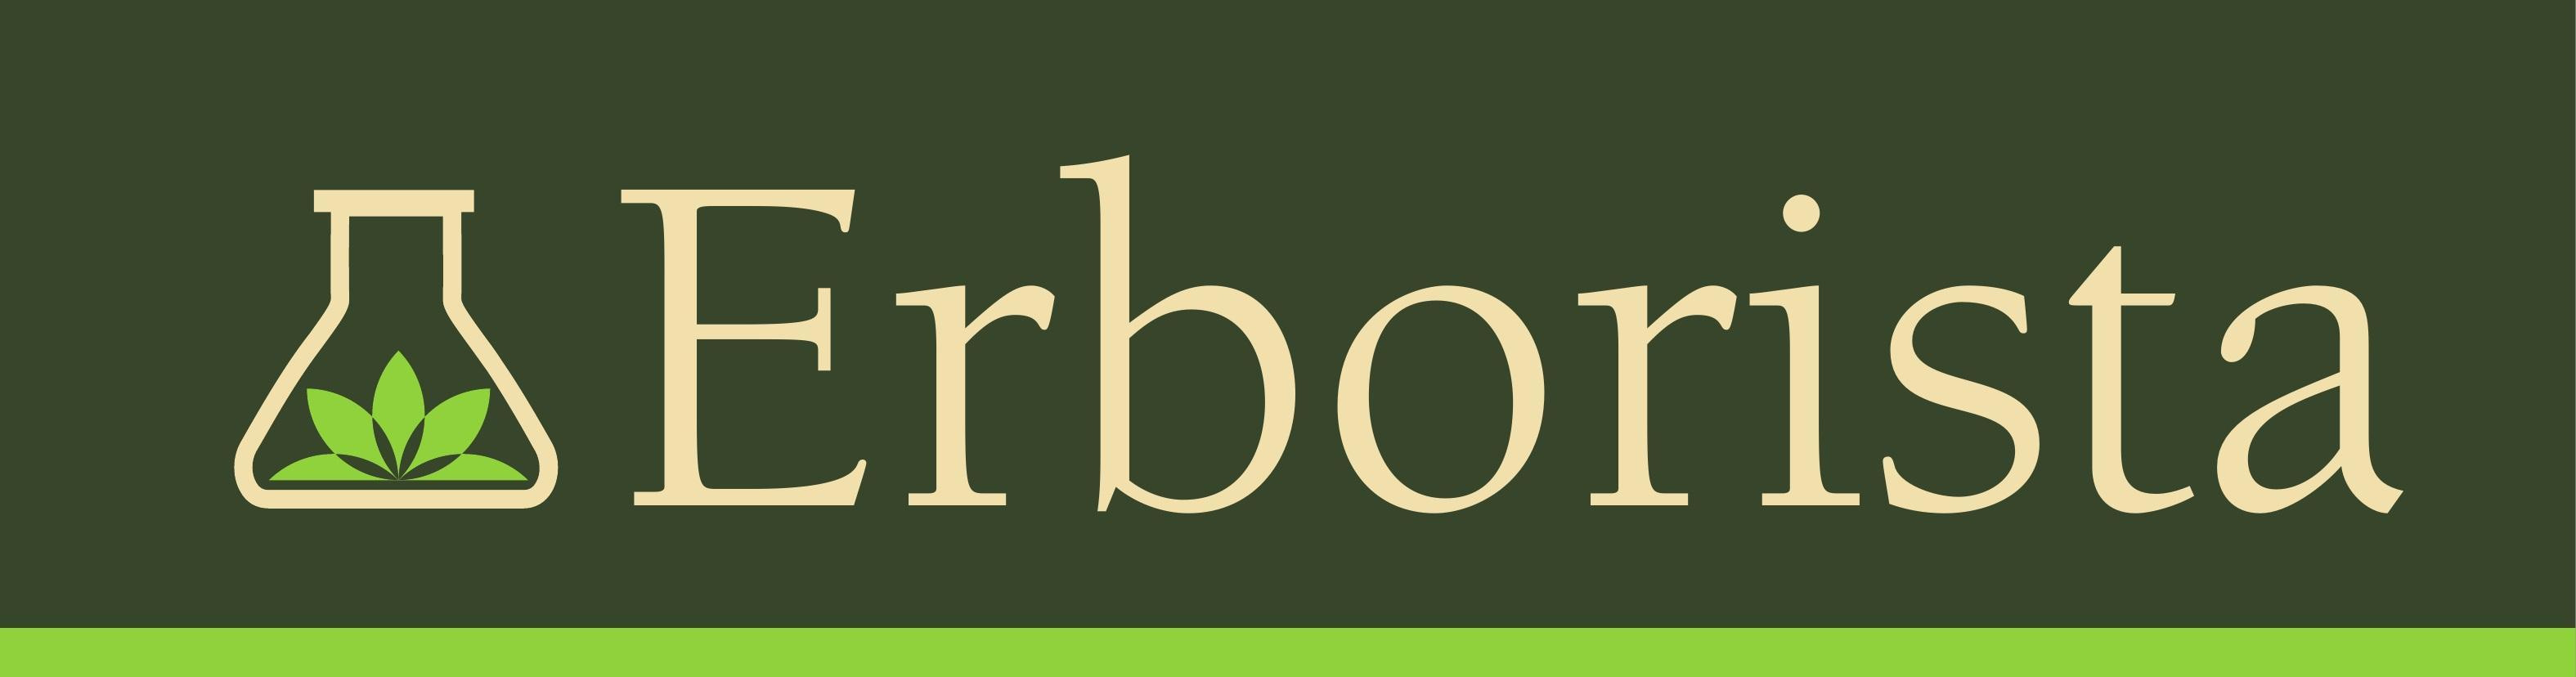 ERBORISTA990 S.R.L.